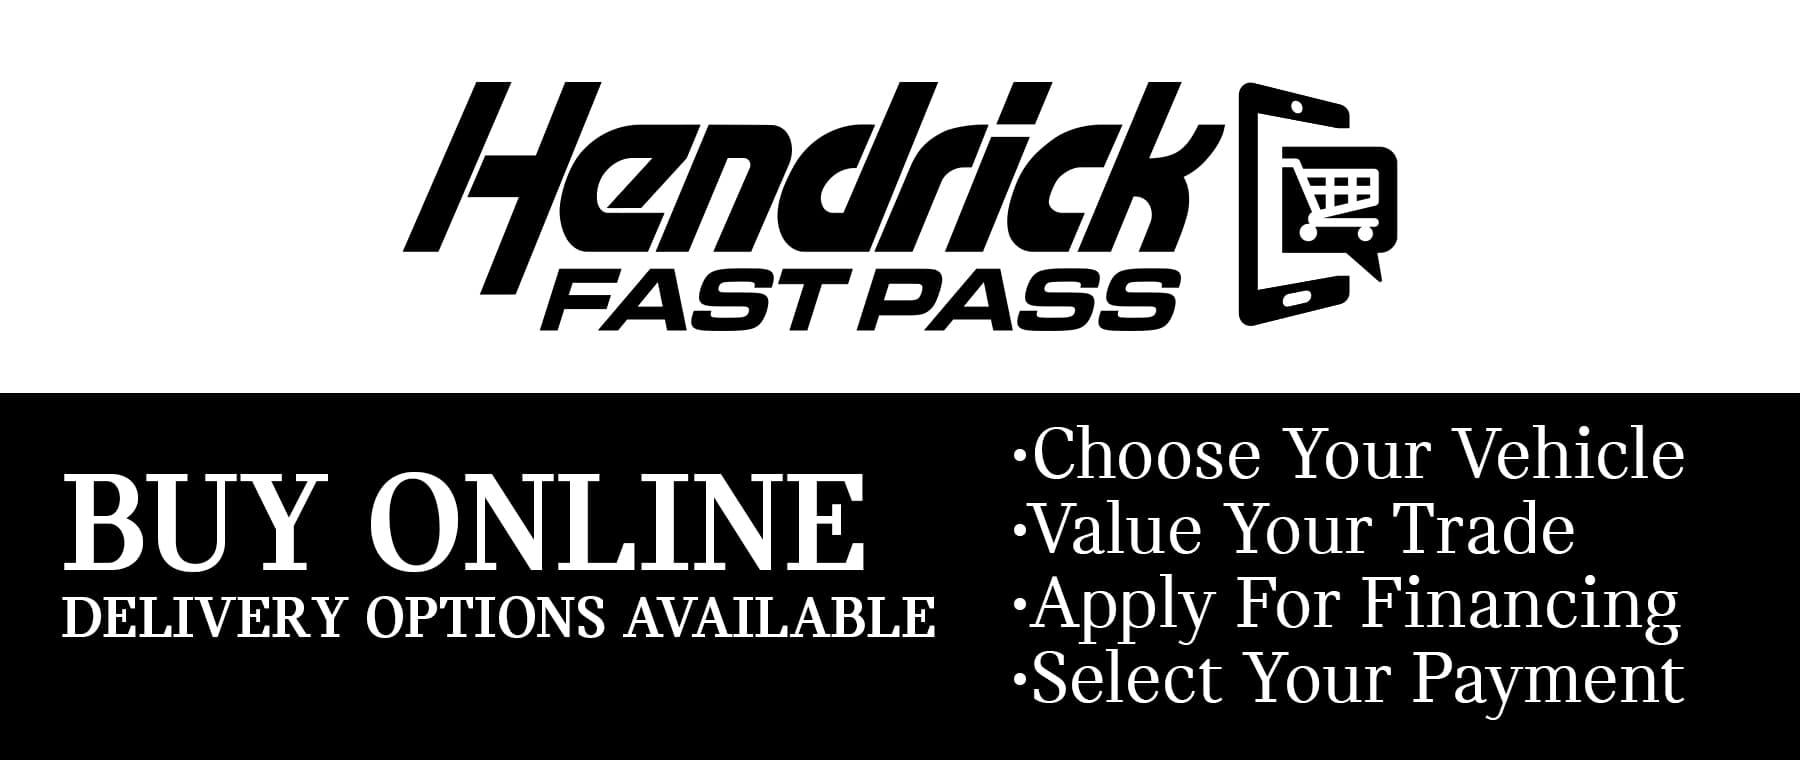 Hendrick-Fast-Pass-May21_TR_1800x760 (1)